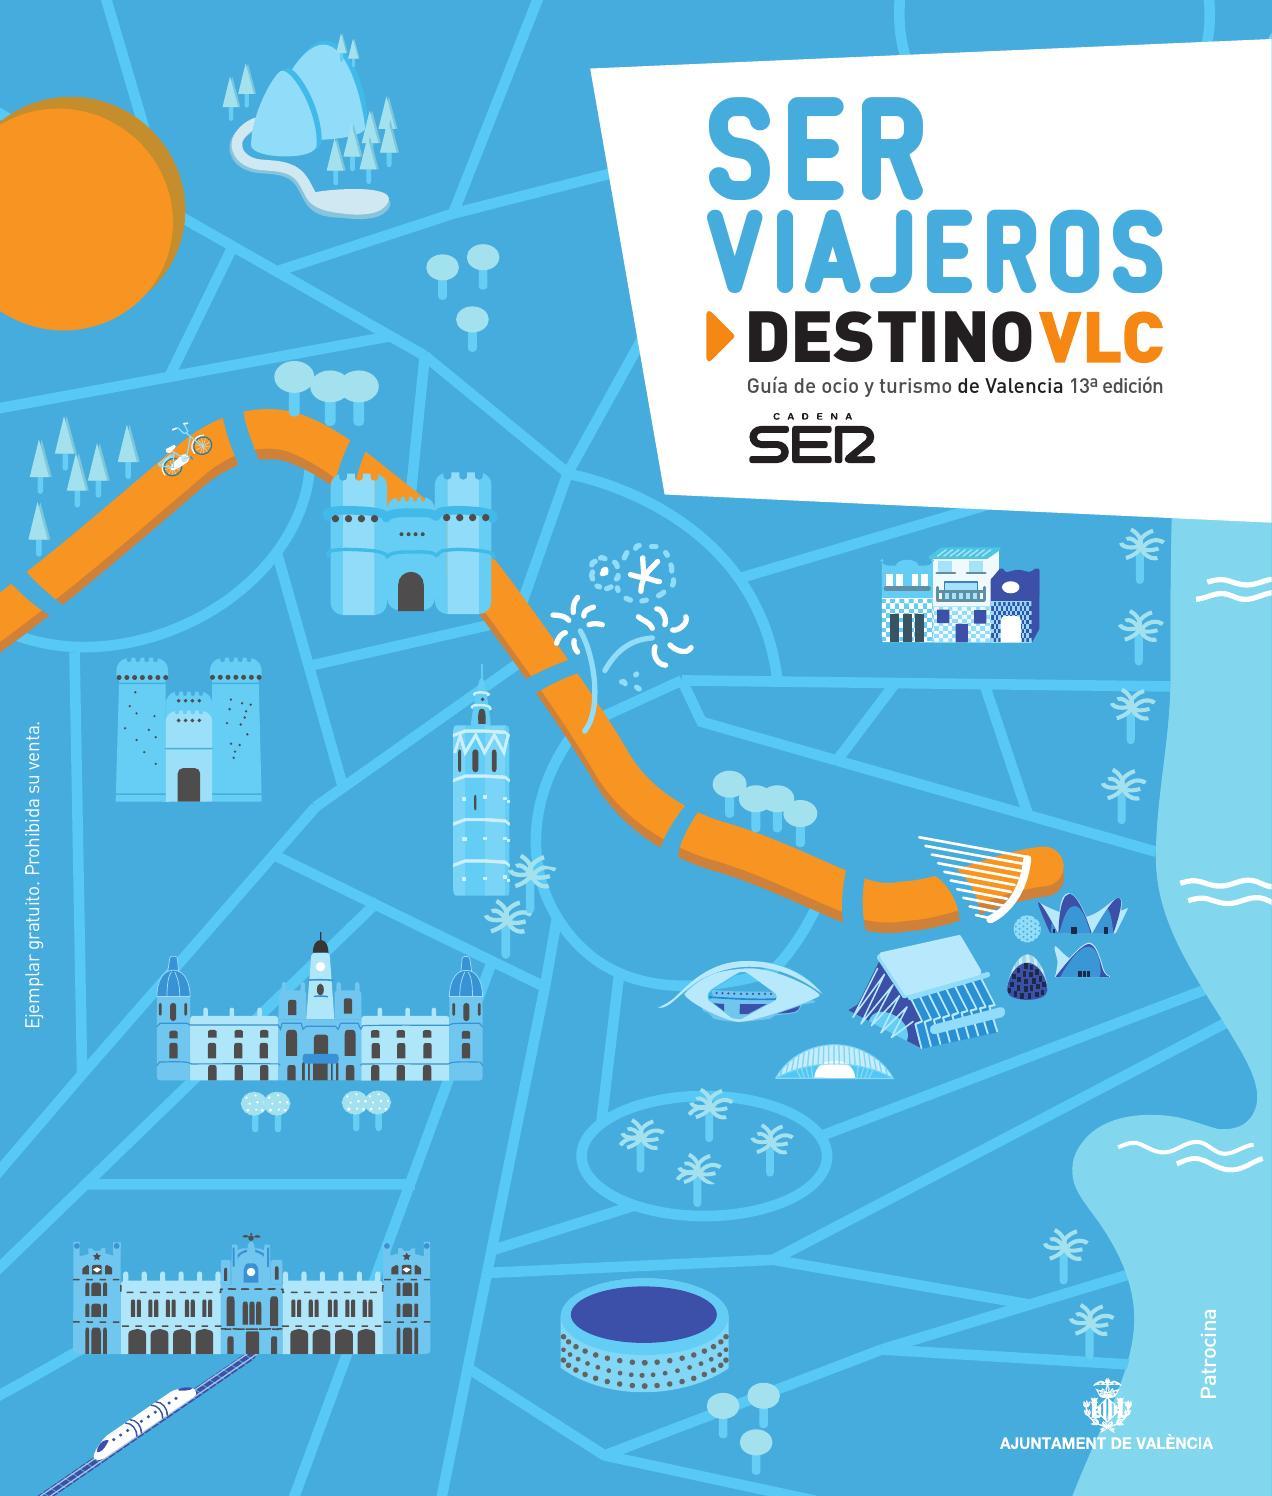 Ser Viajeros Destino Vlc Radio Valencia Cadena Ser 2015 By Lydia  # Muebles Peiro Quart De Poblet